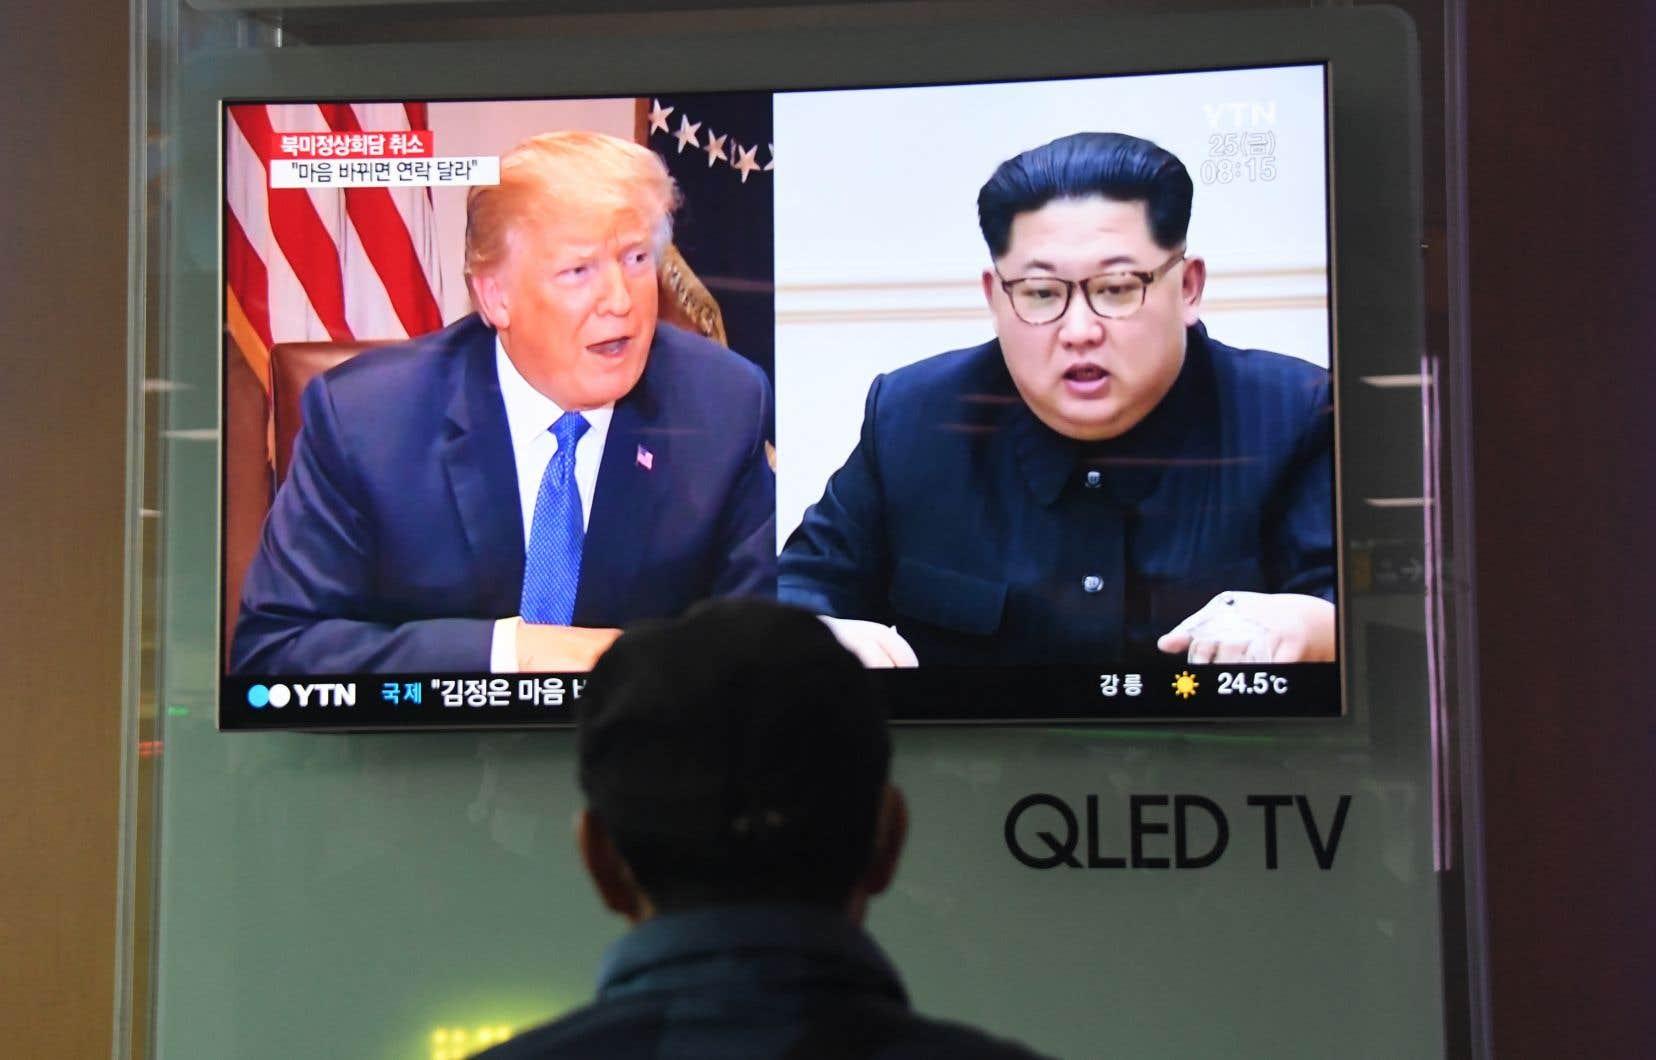 <p>L'euphorie initiale suscitée par la perspective de la rencontre entre Donald Trump et Kim Jong-unavait cédé la place au doute ces derniers temps.</p>